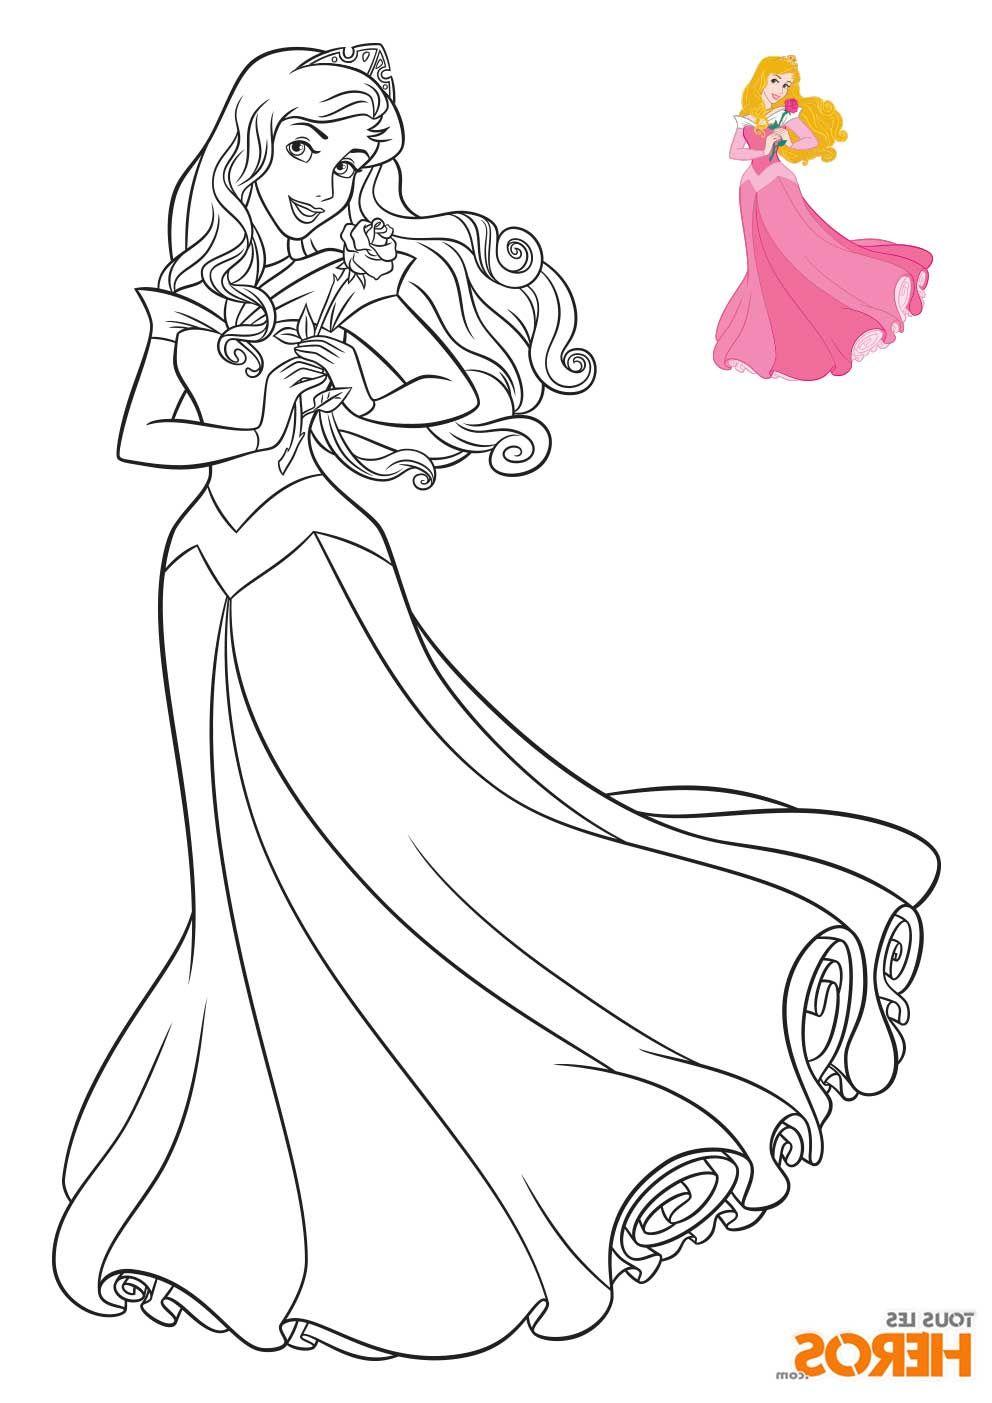 Coloriage Princesse Disney à imprimer en ligne  Coloriage